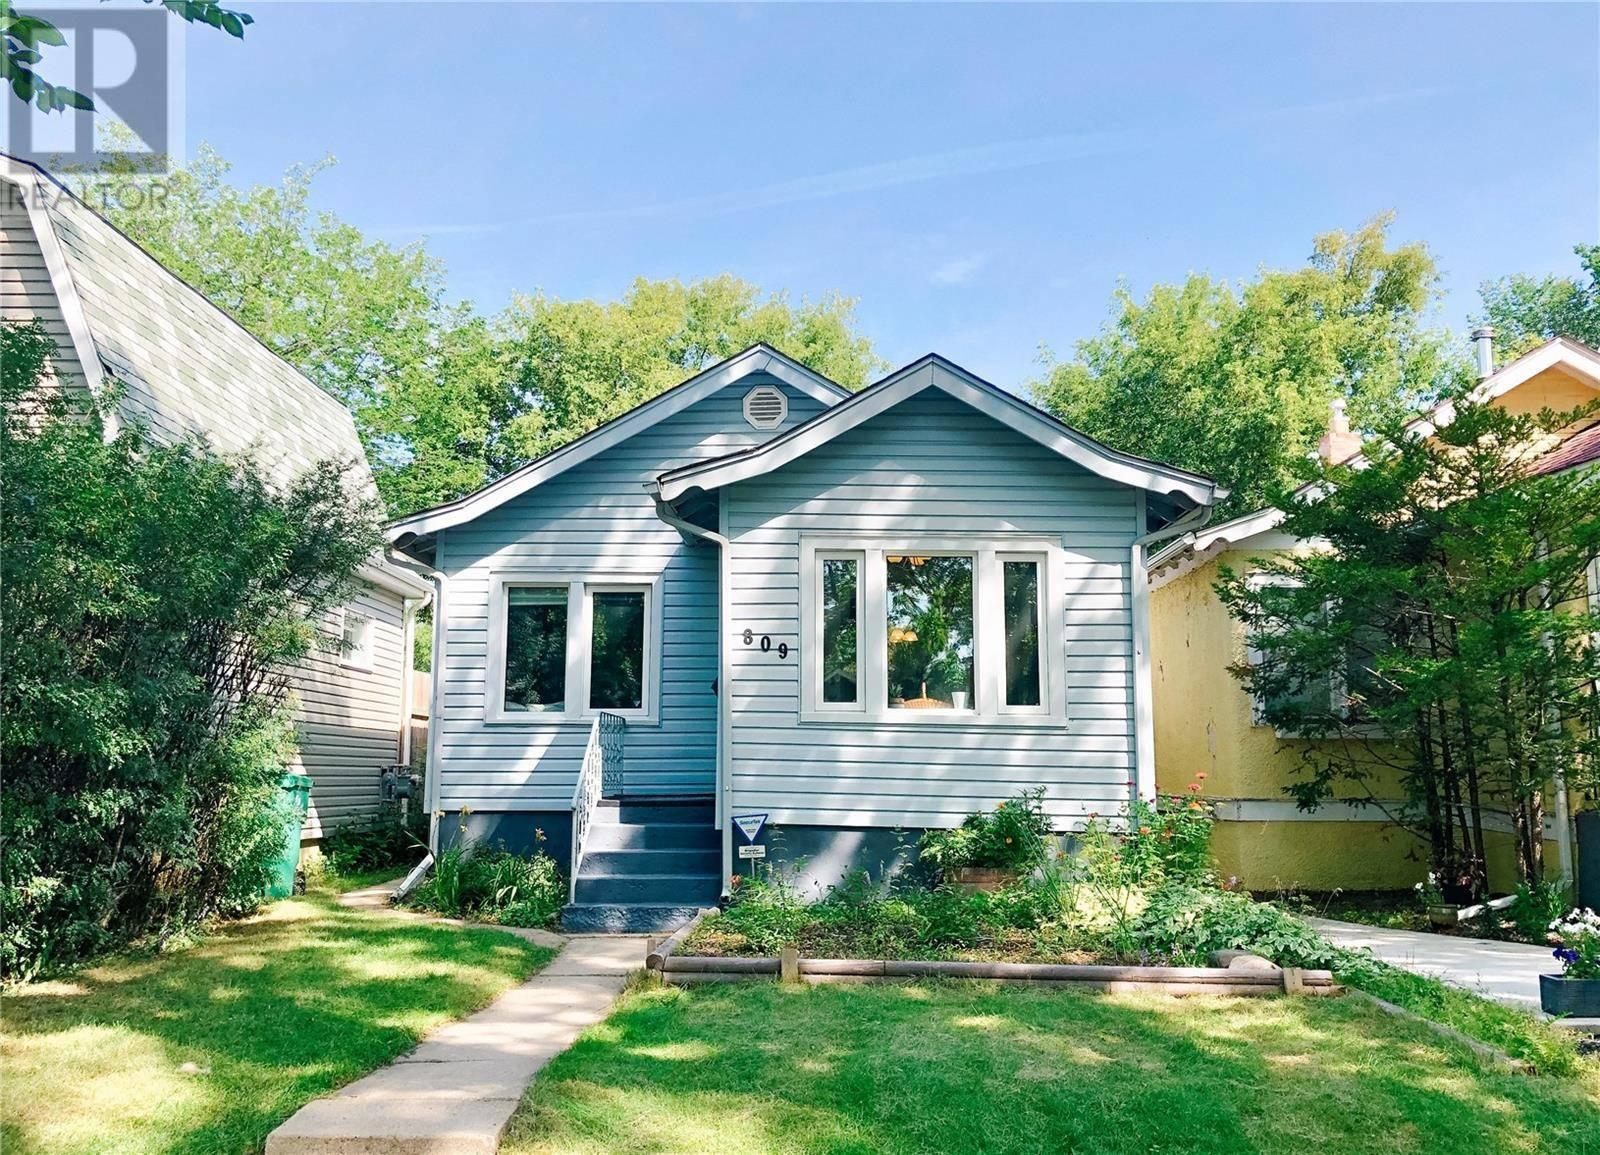 House for sale at 809 Main St Saskatoon Saskatchewan - MLS: SK783585